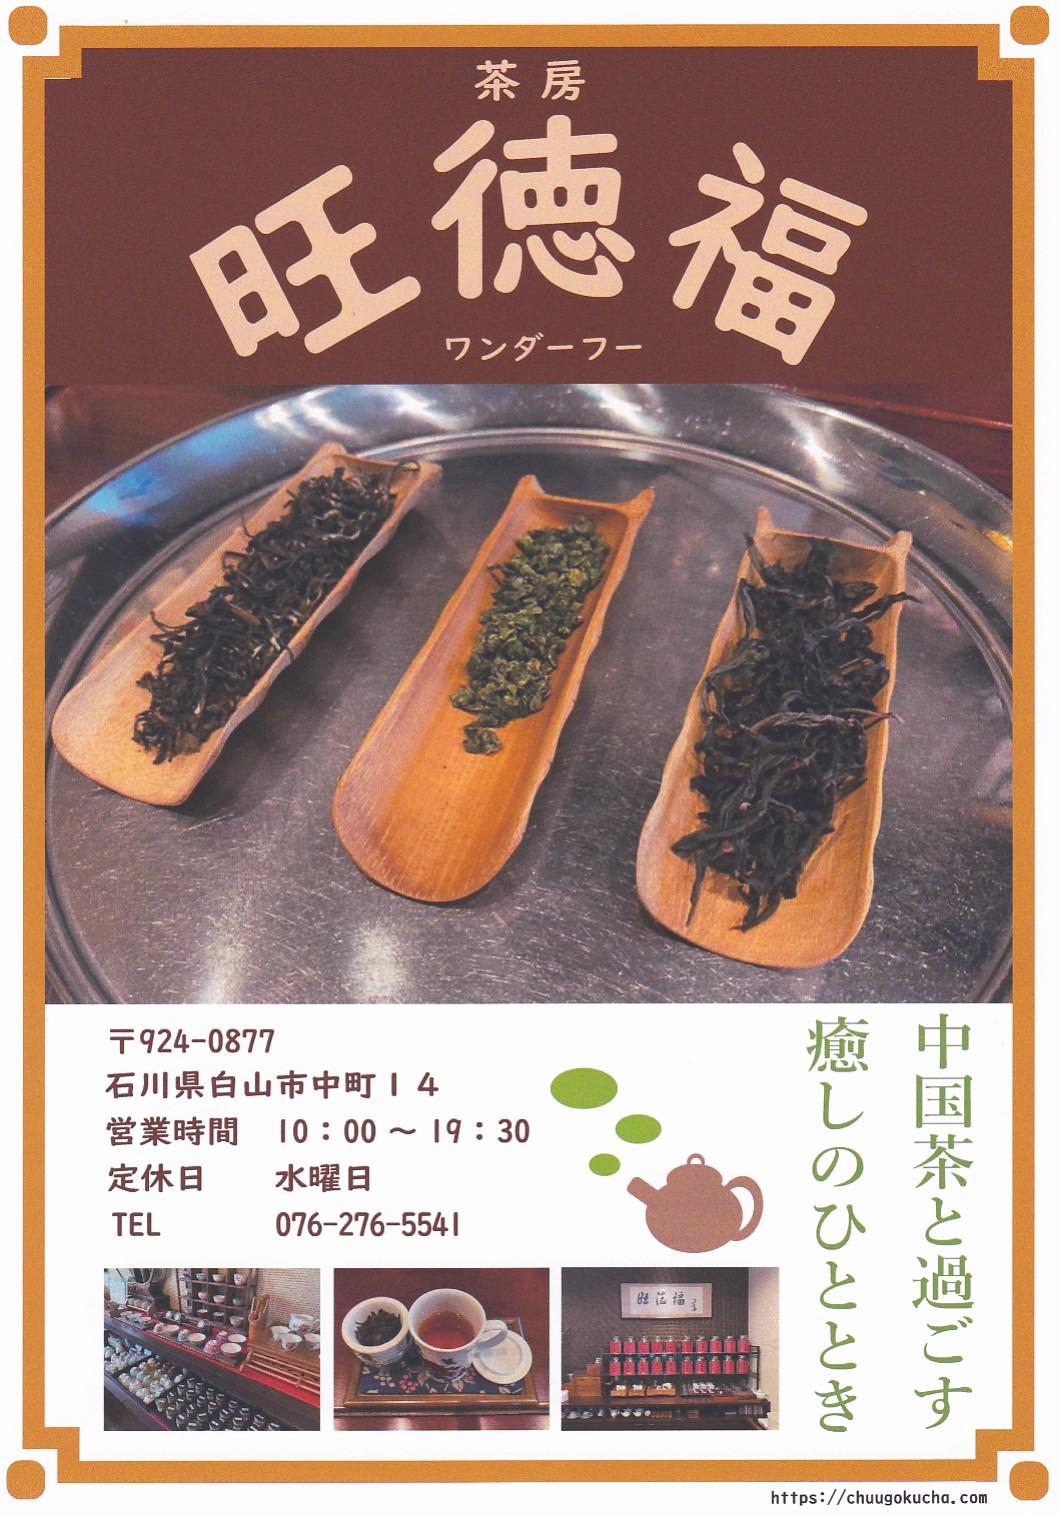 はじまりは中国茶との出会いから・・・アイキャッチ